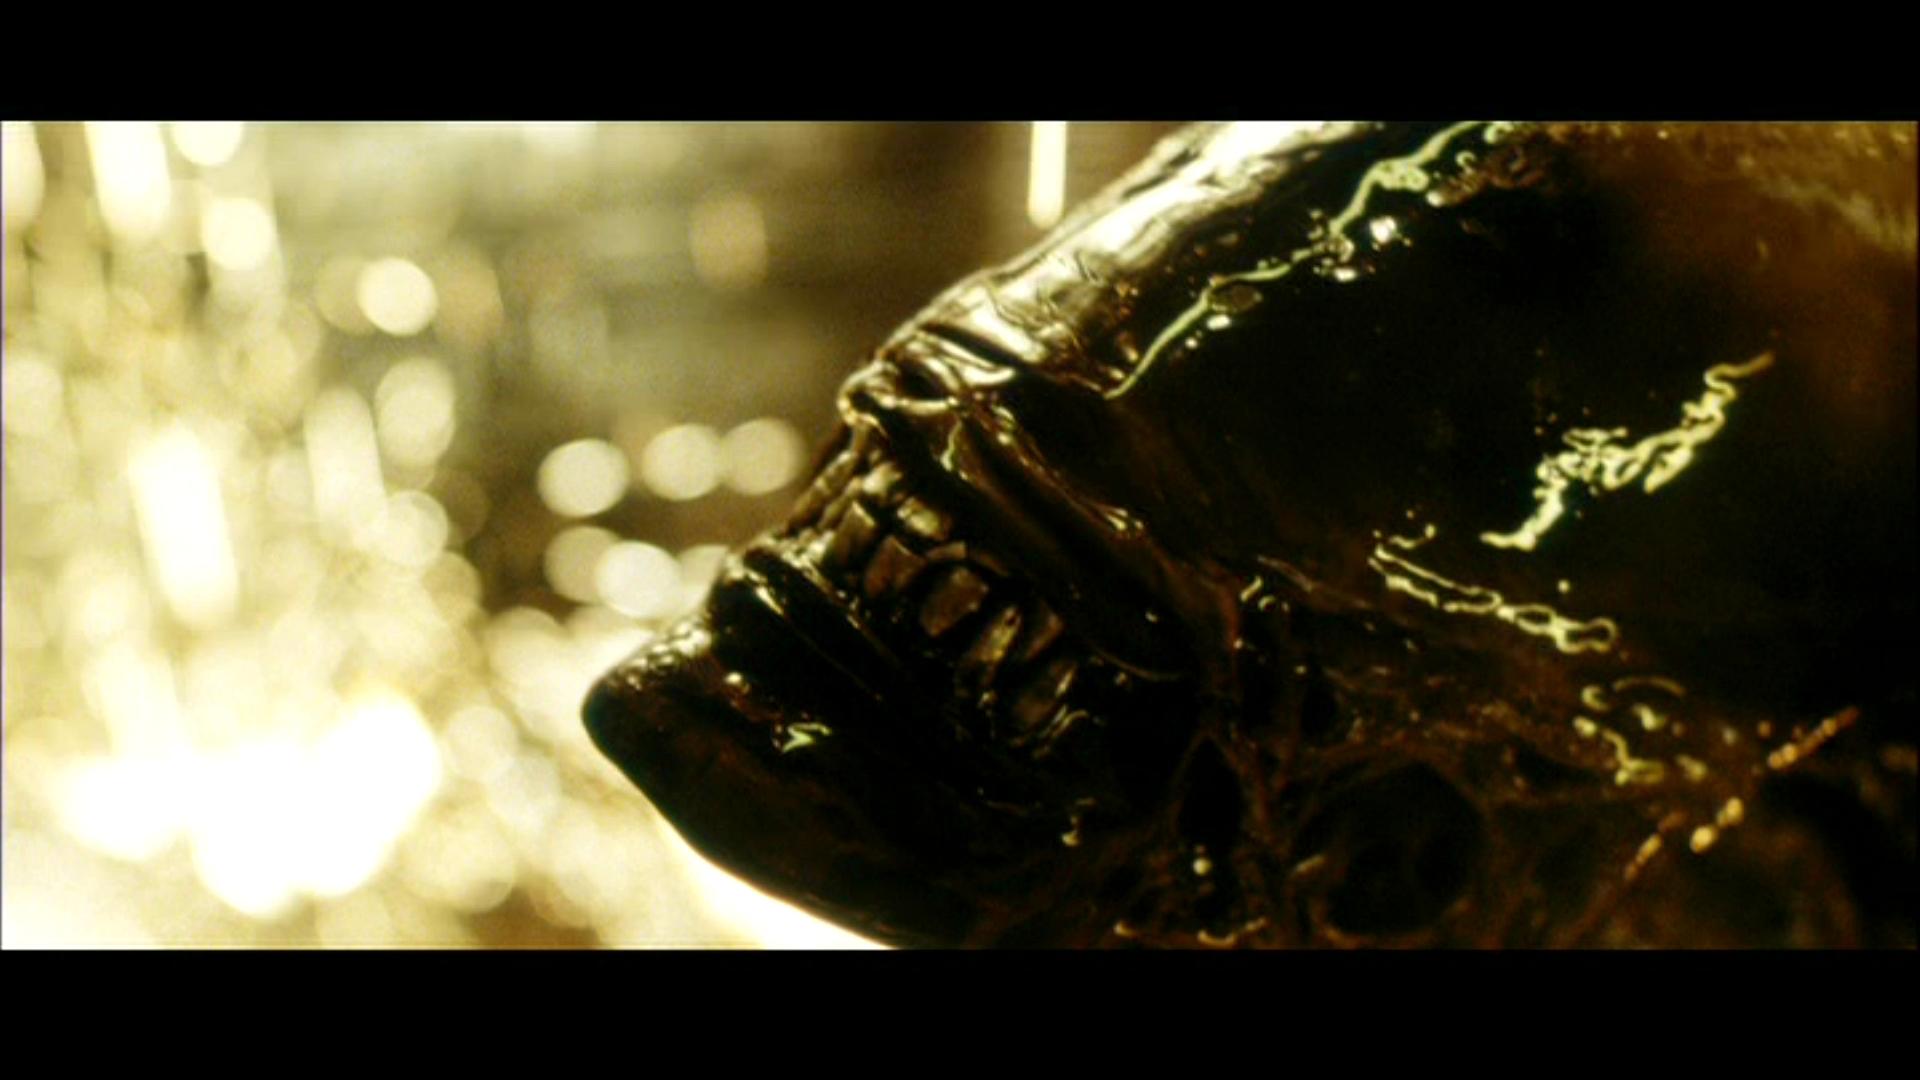 Acid Iphone Wallpaper Alien Resurrection Hd Wallpaper Background Image